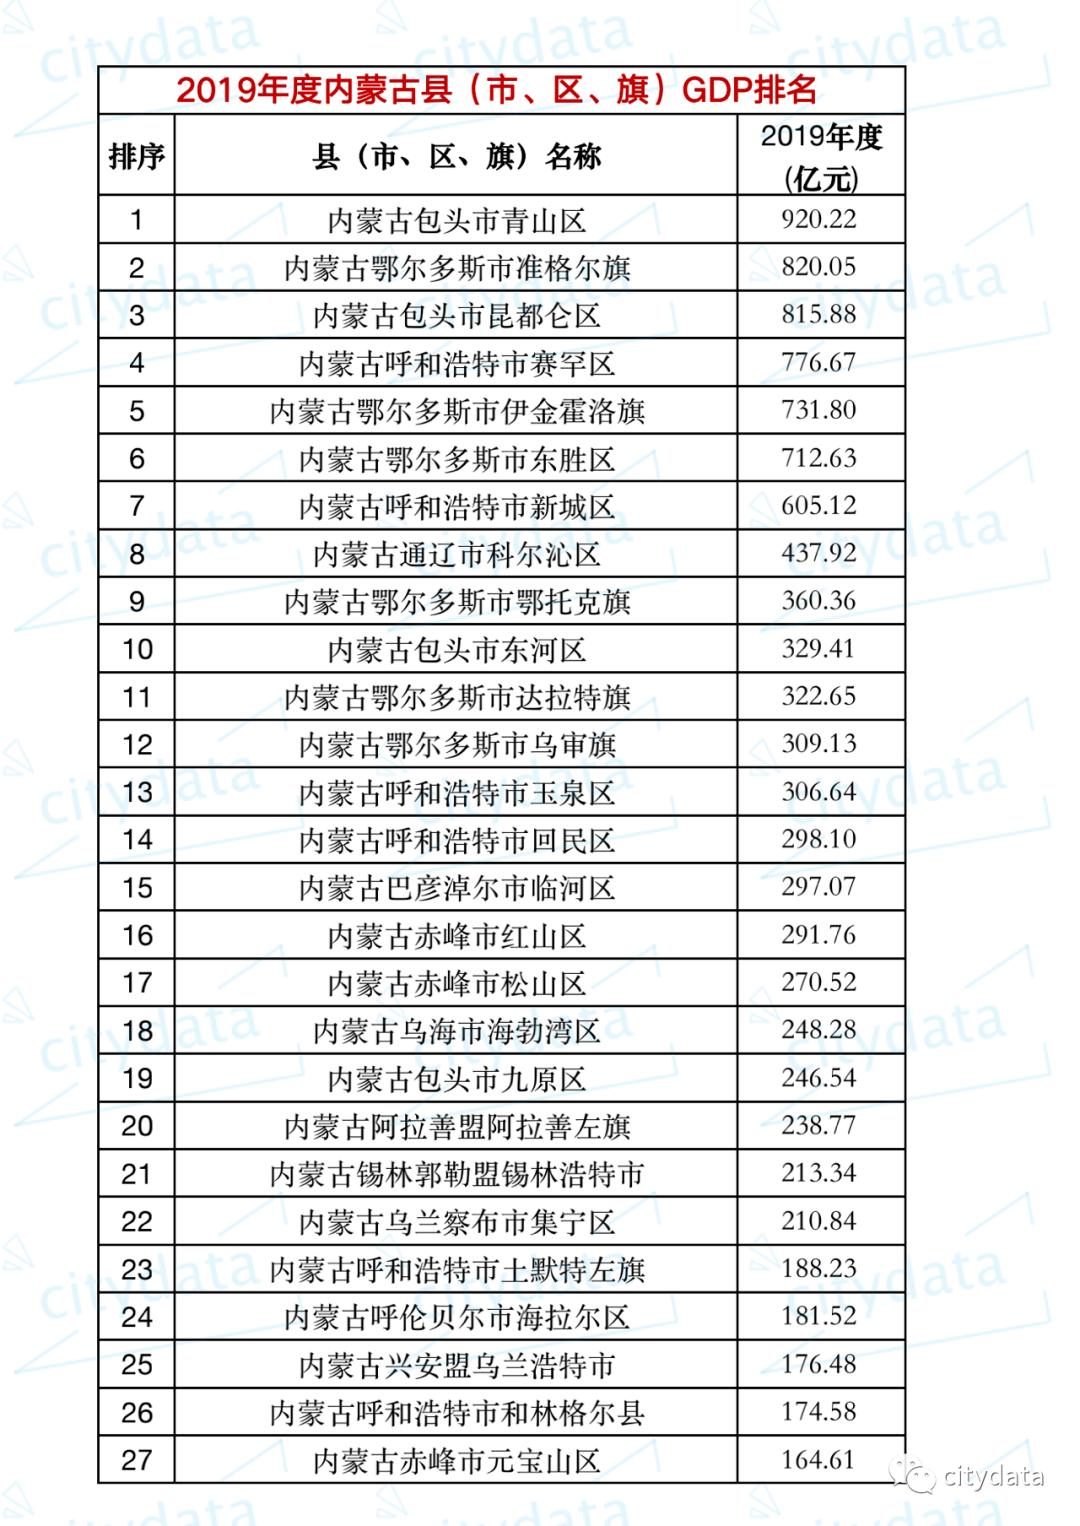 巴彦淖尔市各县gdp排名_2018海南各市县区GDP排名 各城市经济排名 表